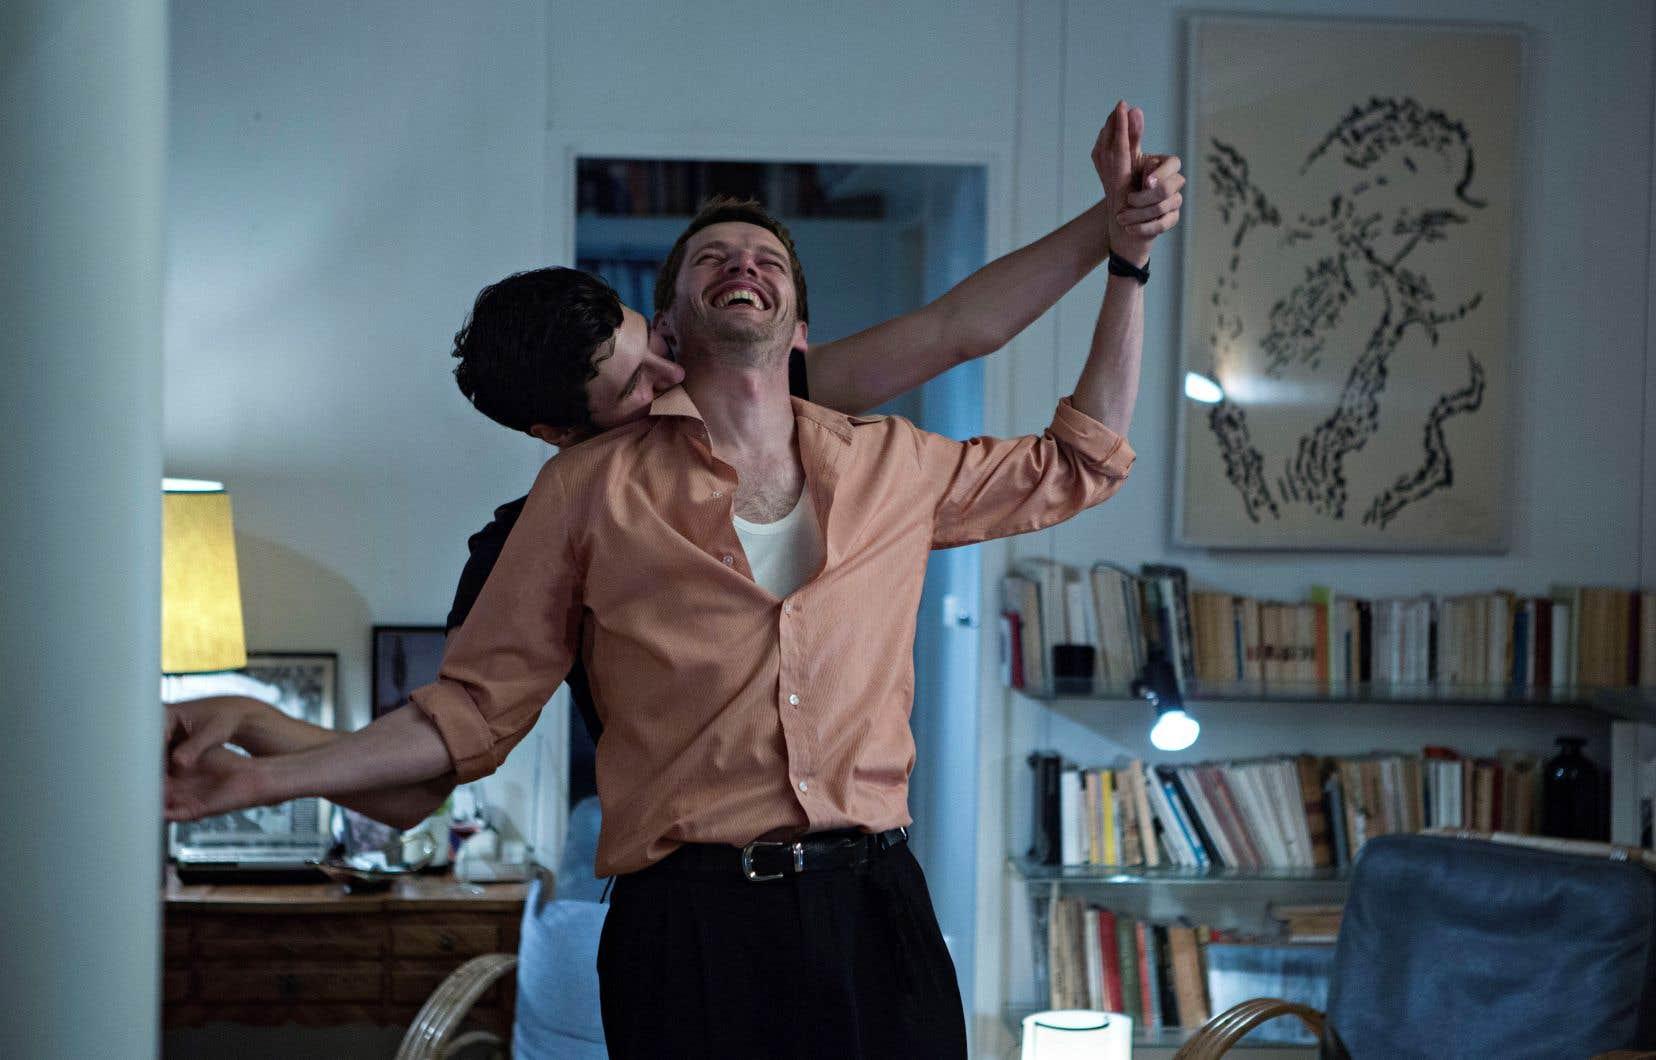 Les acteurs Vincent Lacoste et Pierre Deladonchamps dans le film«Plaire, aimer et courir vite», de Christophe Honoré